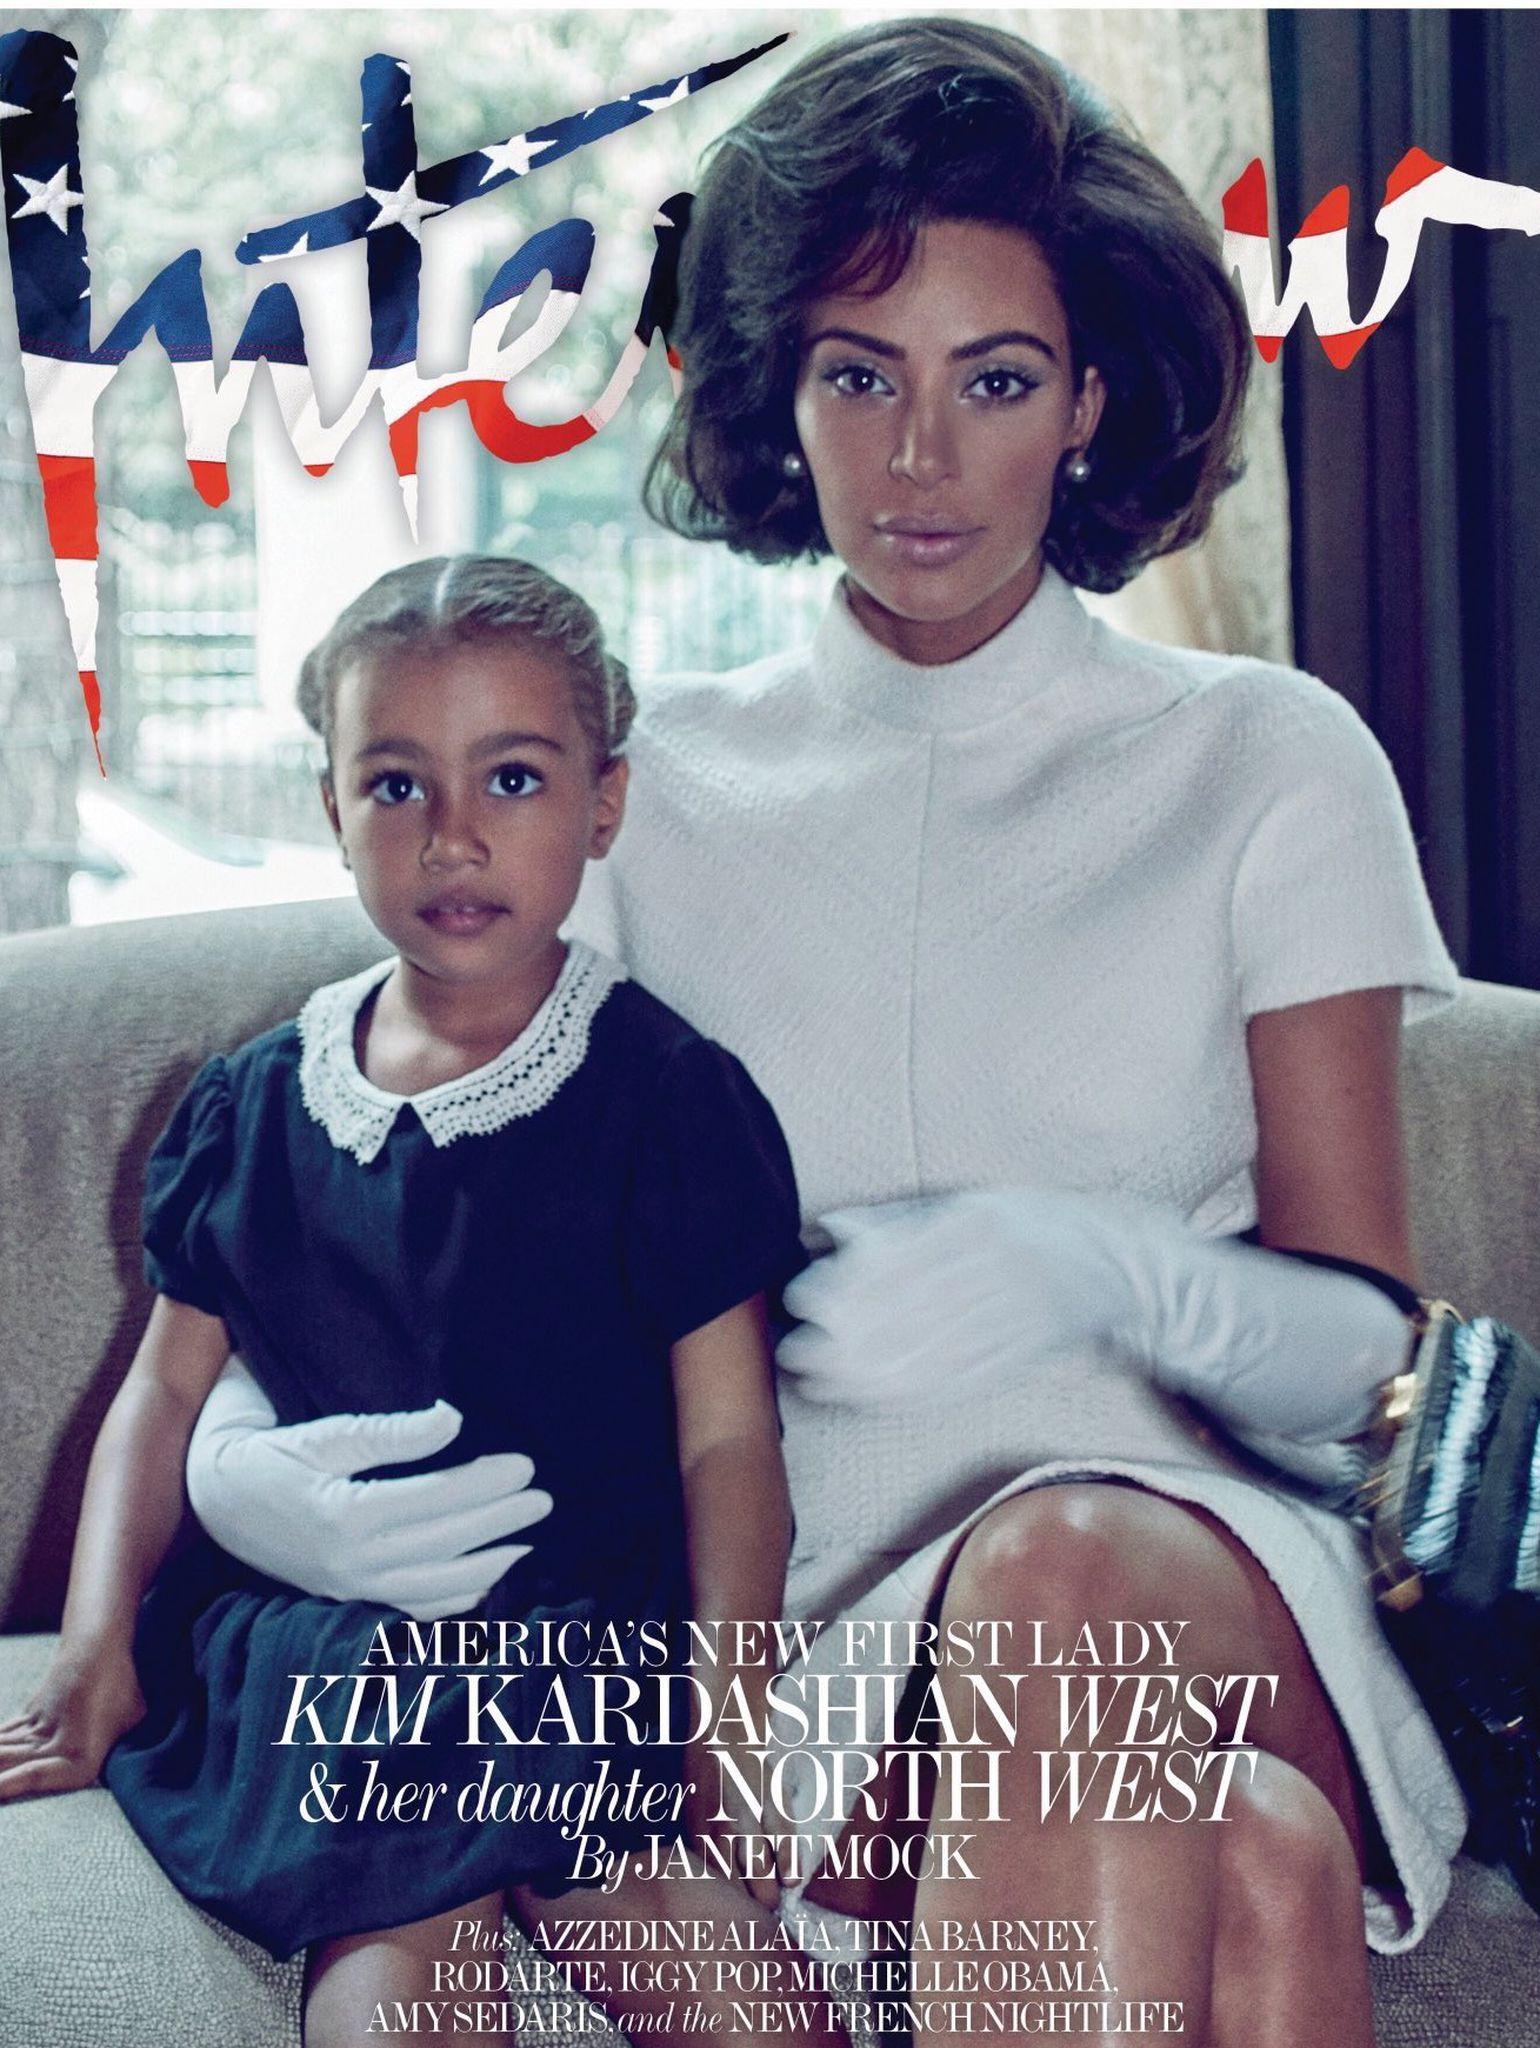 b2c55834b8b3 reality-tv-star -kim-kardashian-west-und-ihre-tochter-north-auf-dem-cover-des-interview-magazin.jpg